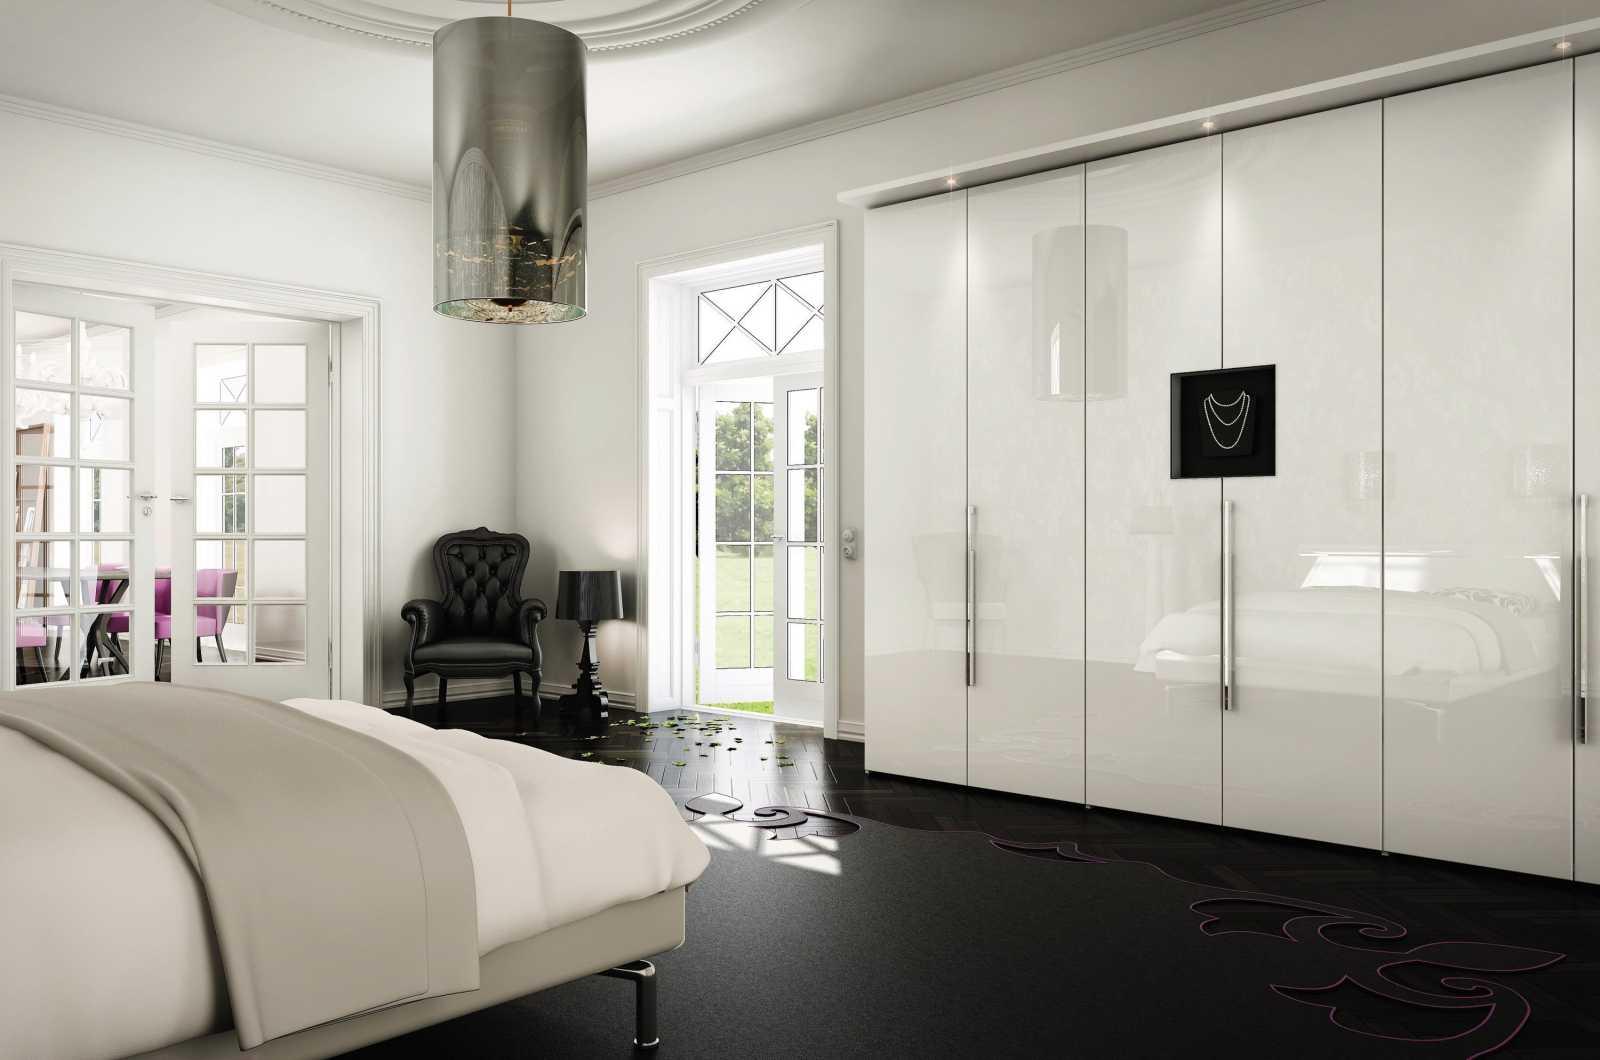 re.acrylic trắng tủ áo 1